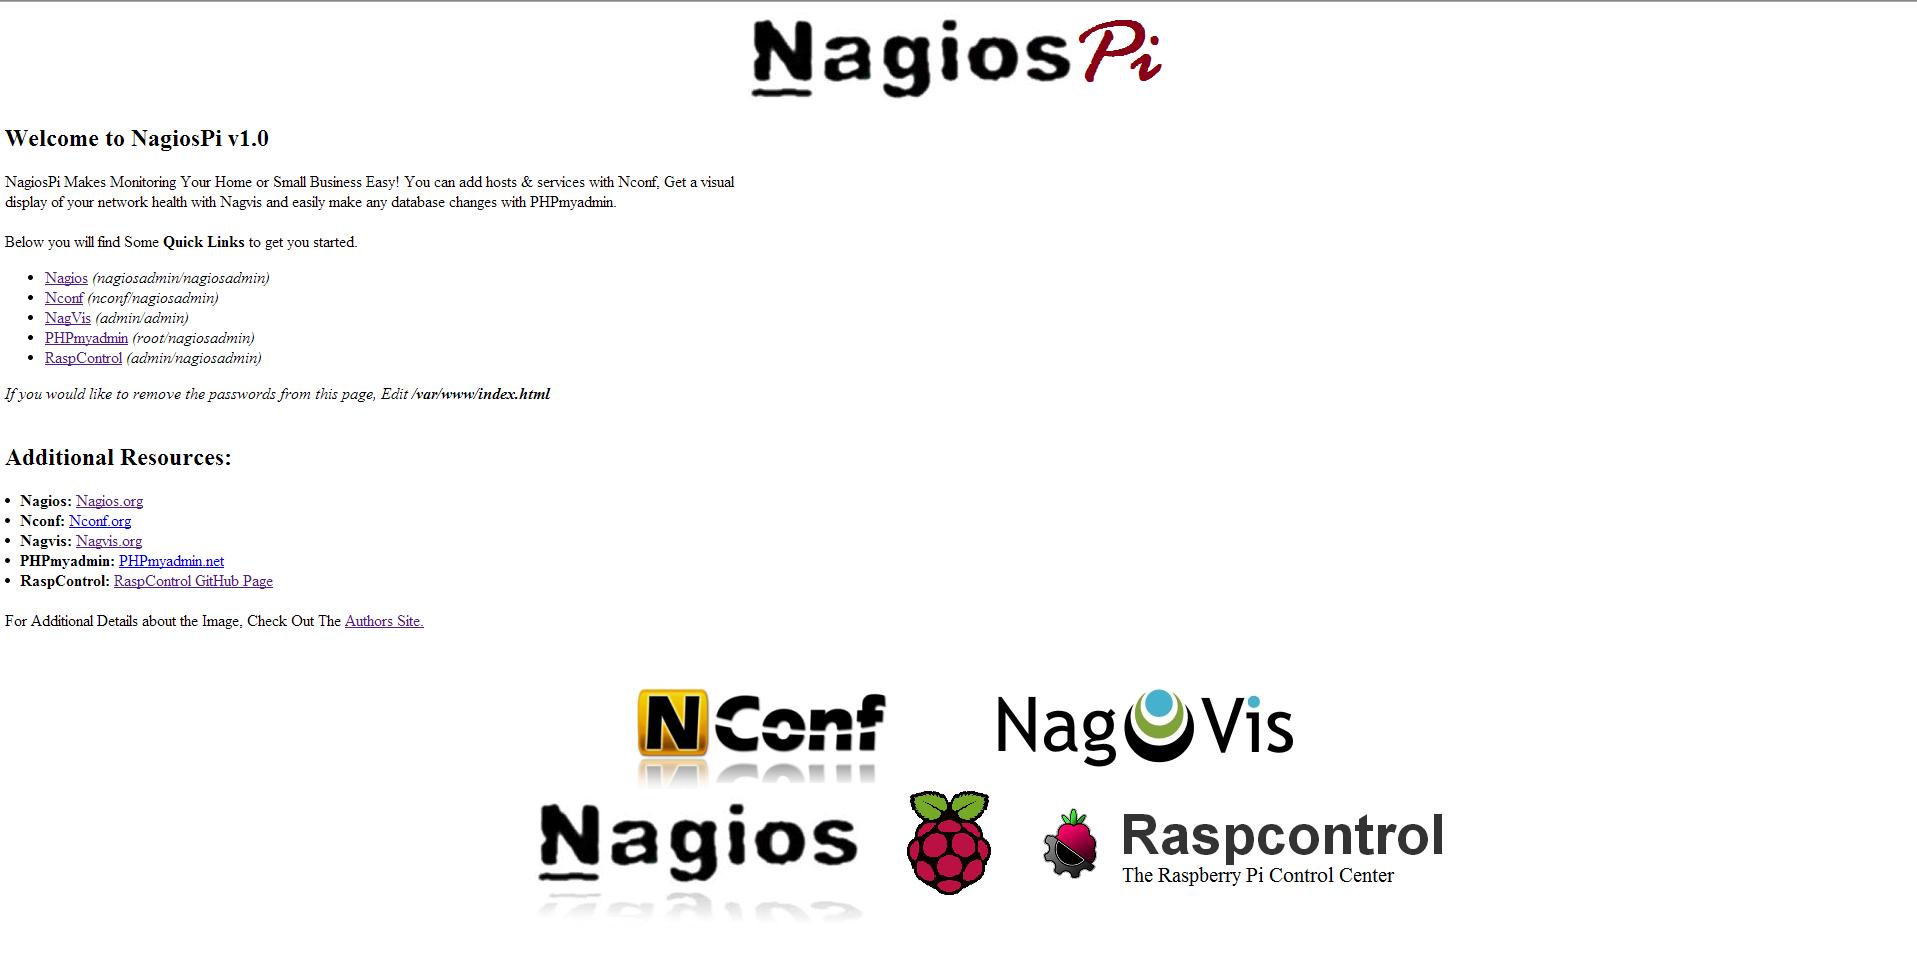 NagiosPi_LandingPage_v3